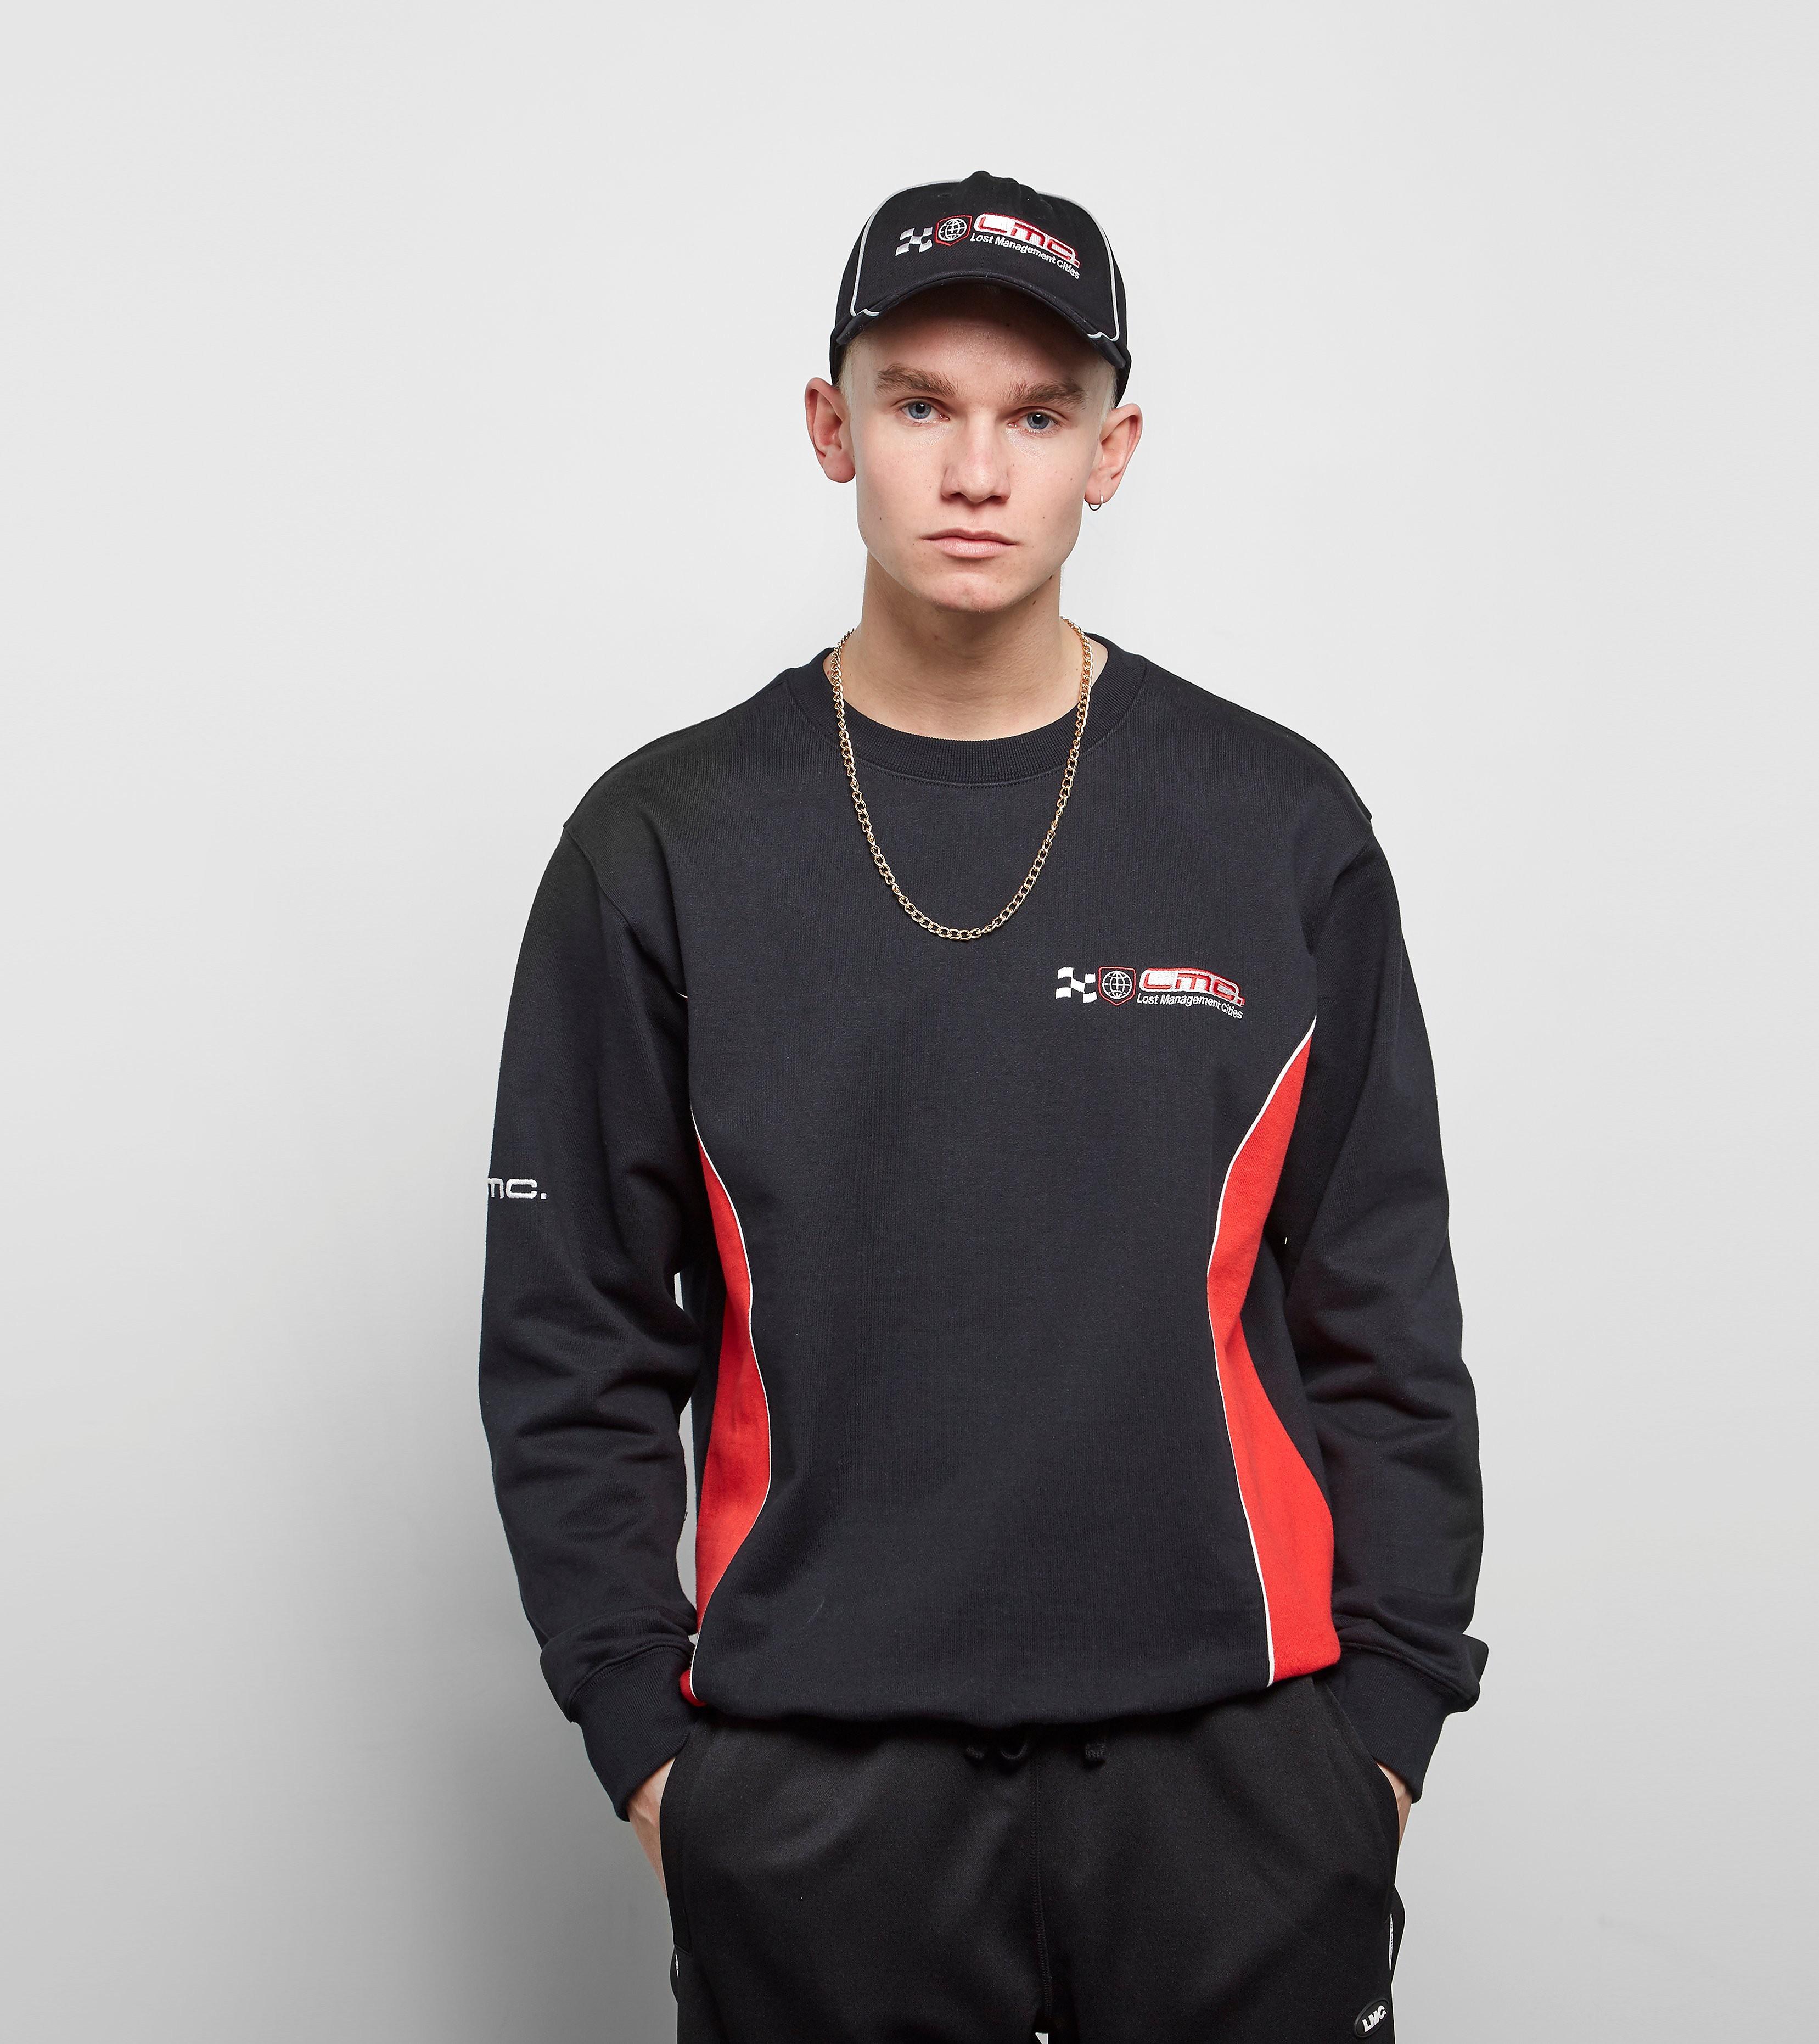 Lost Management Cities Racing Sweatshirt